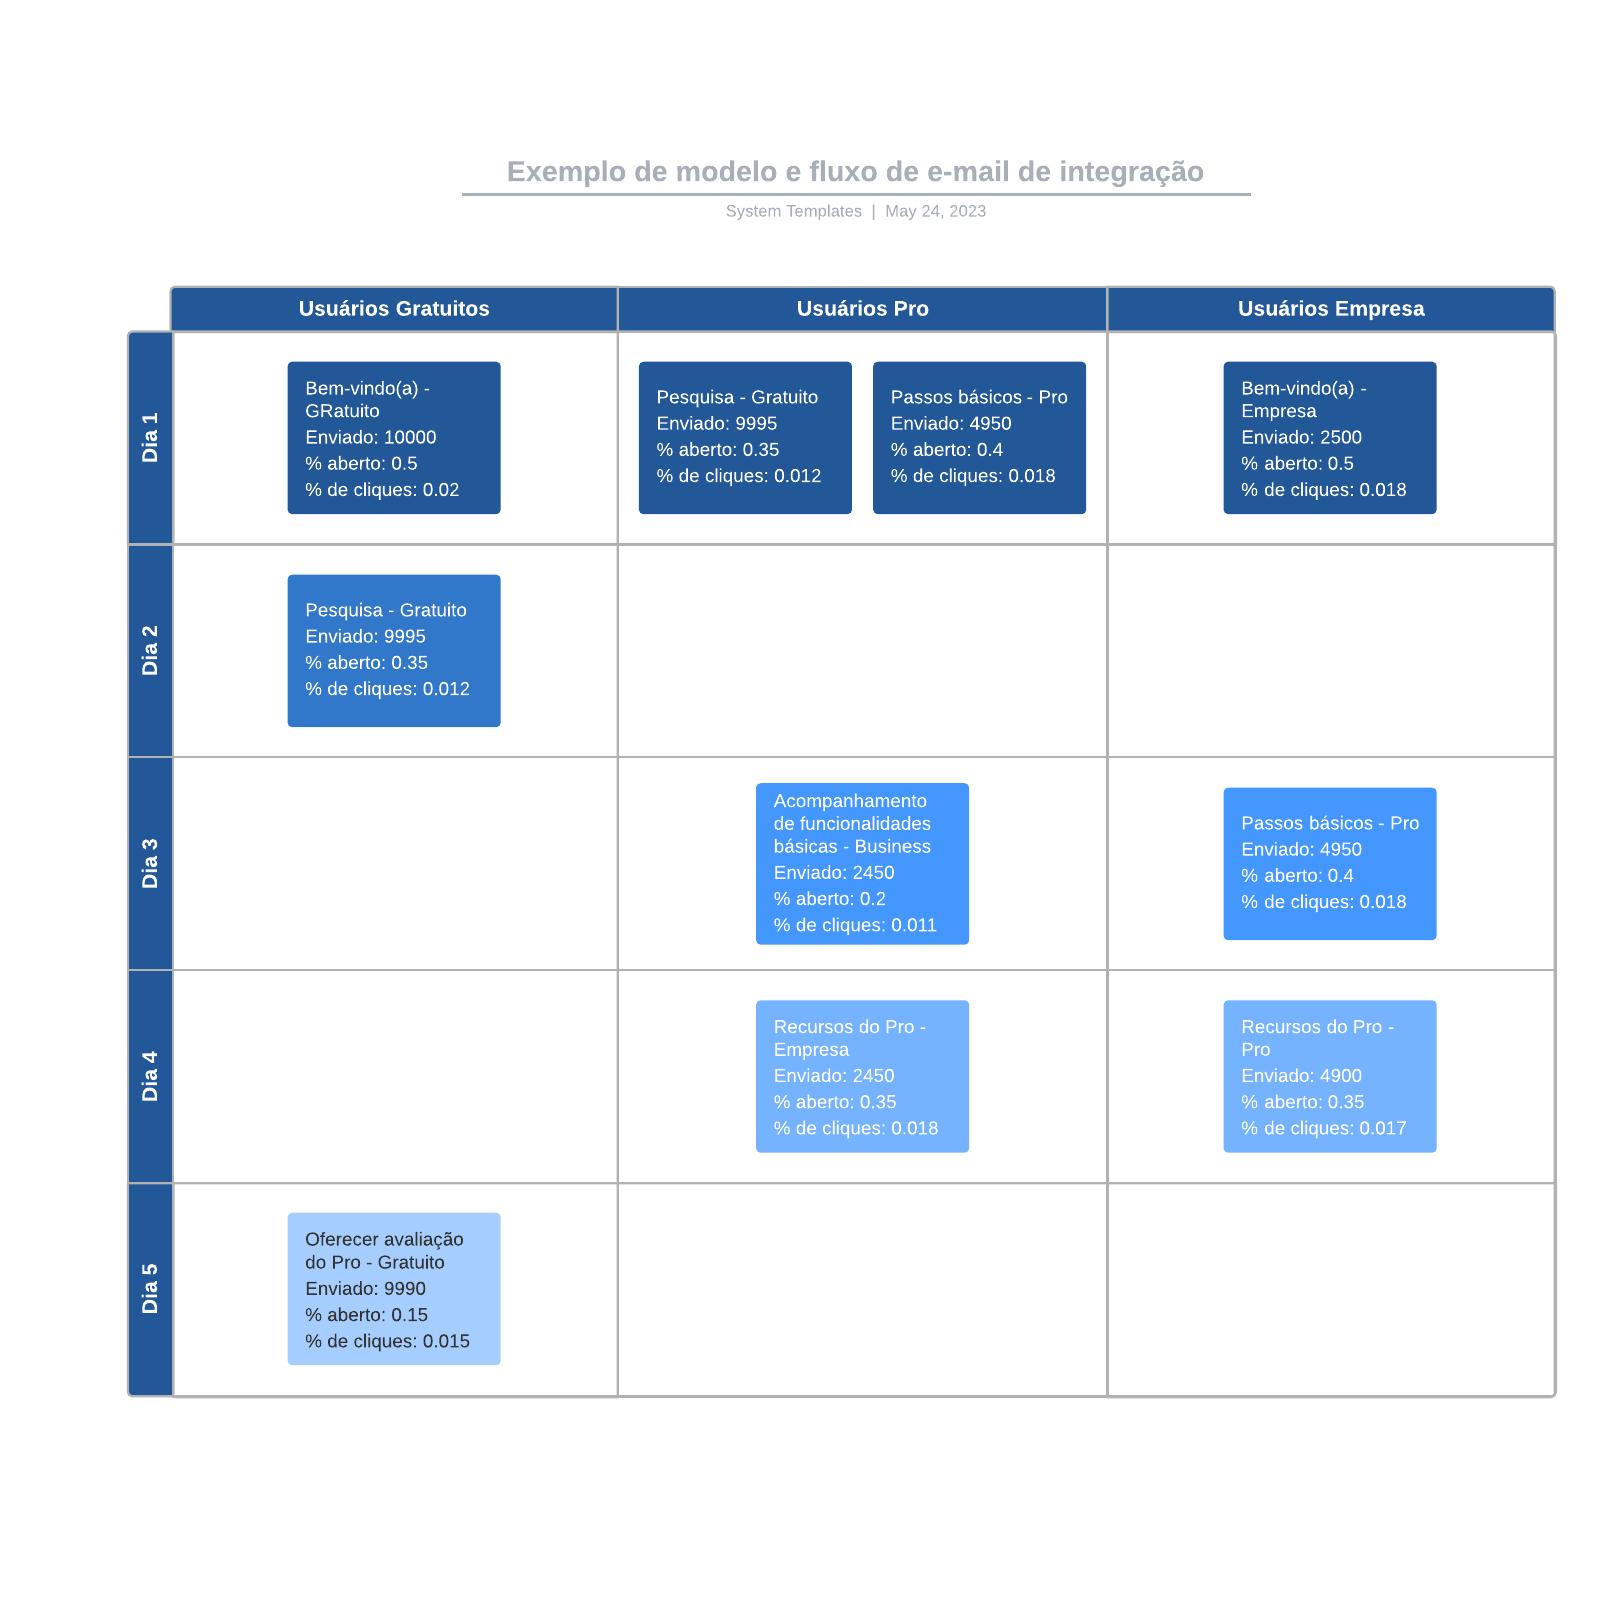 Exemplo de modelo e fluxo de e-mail de integração